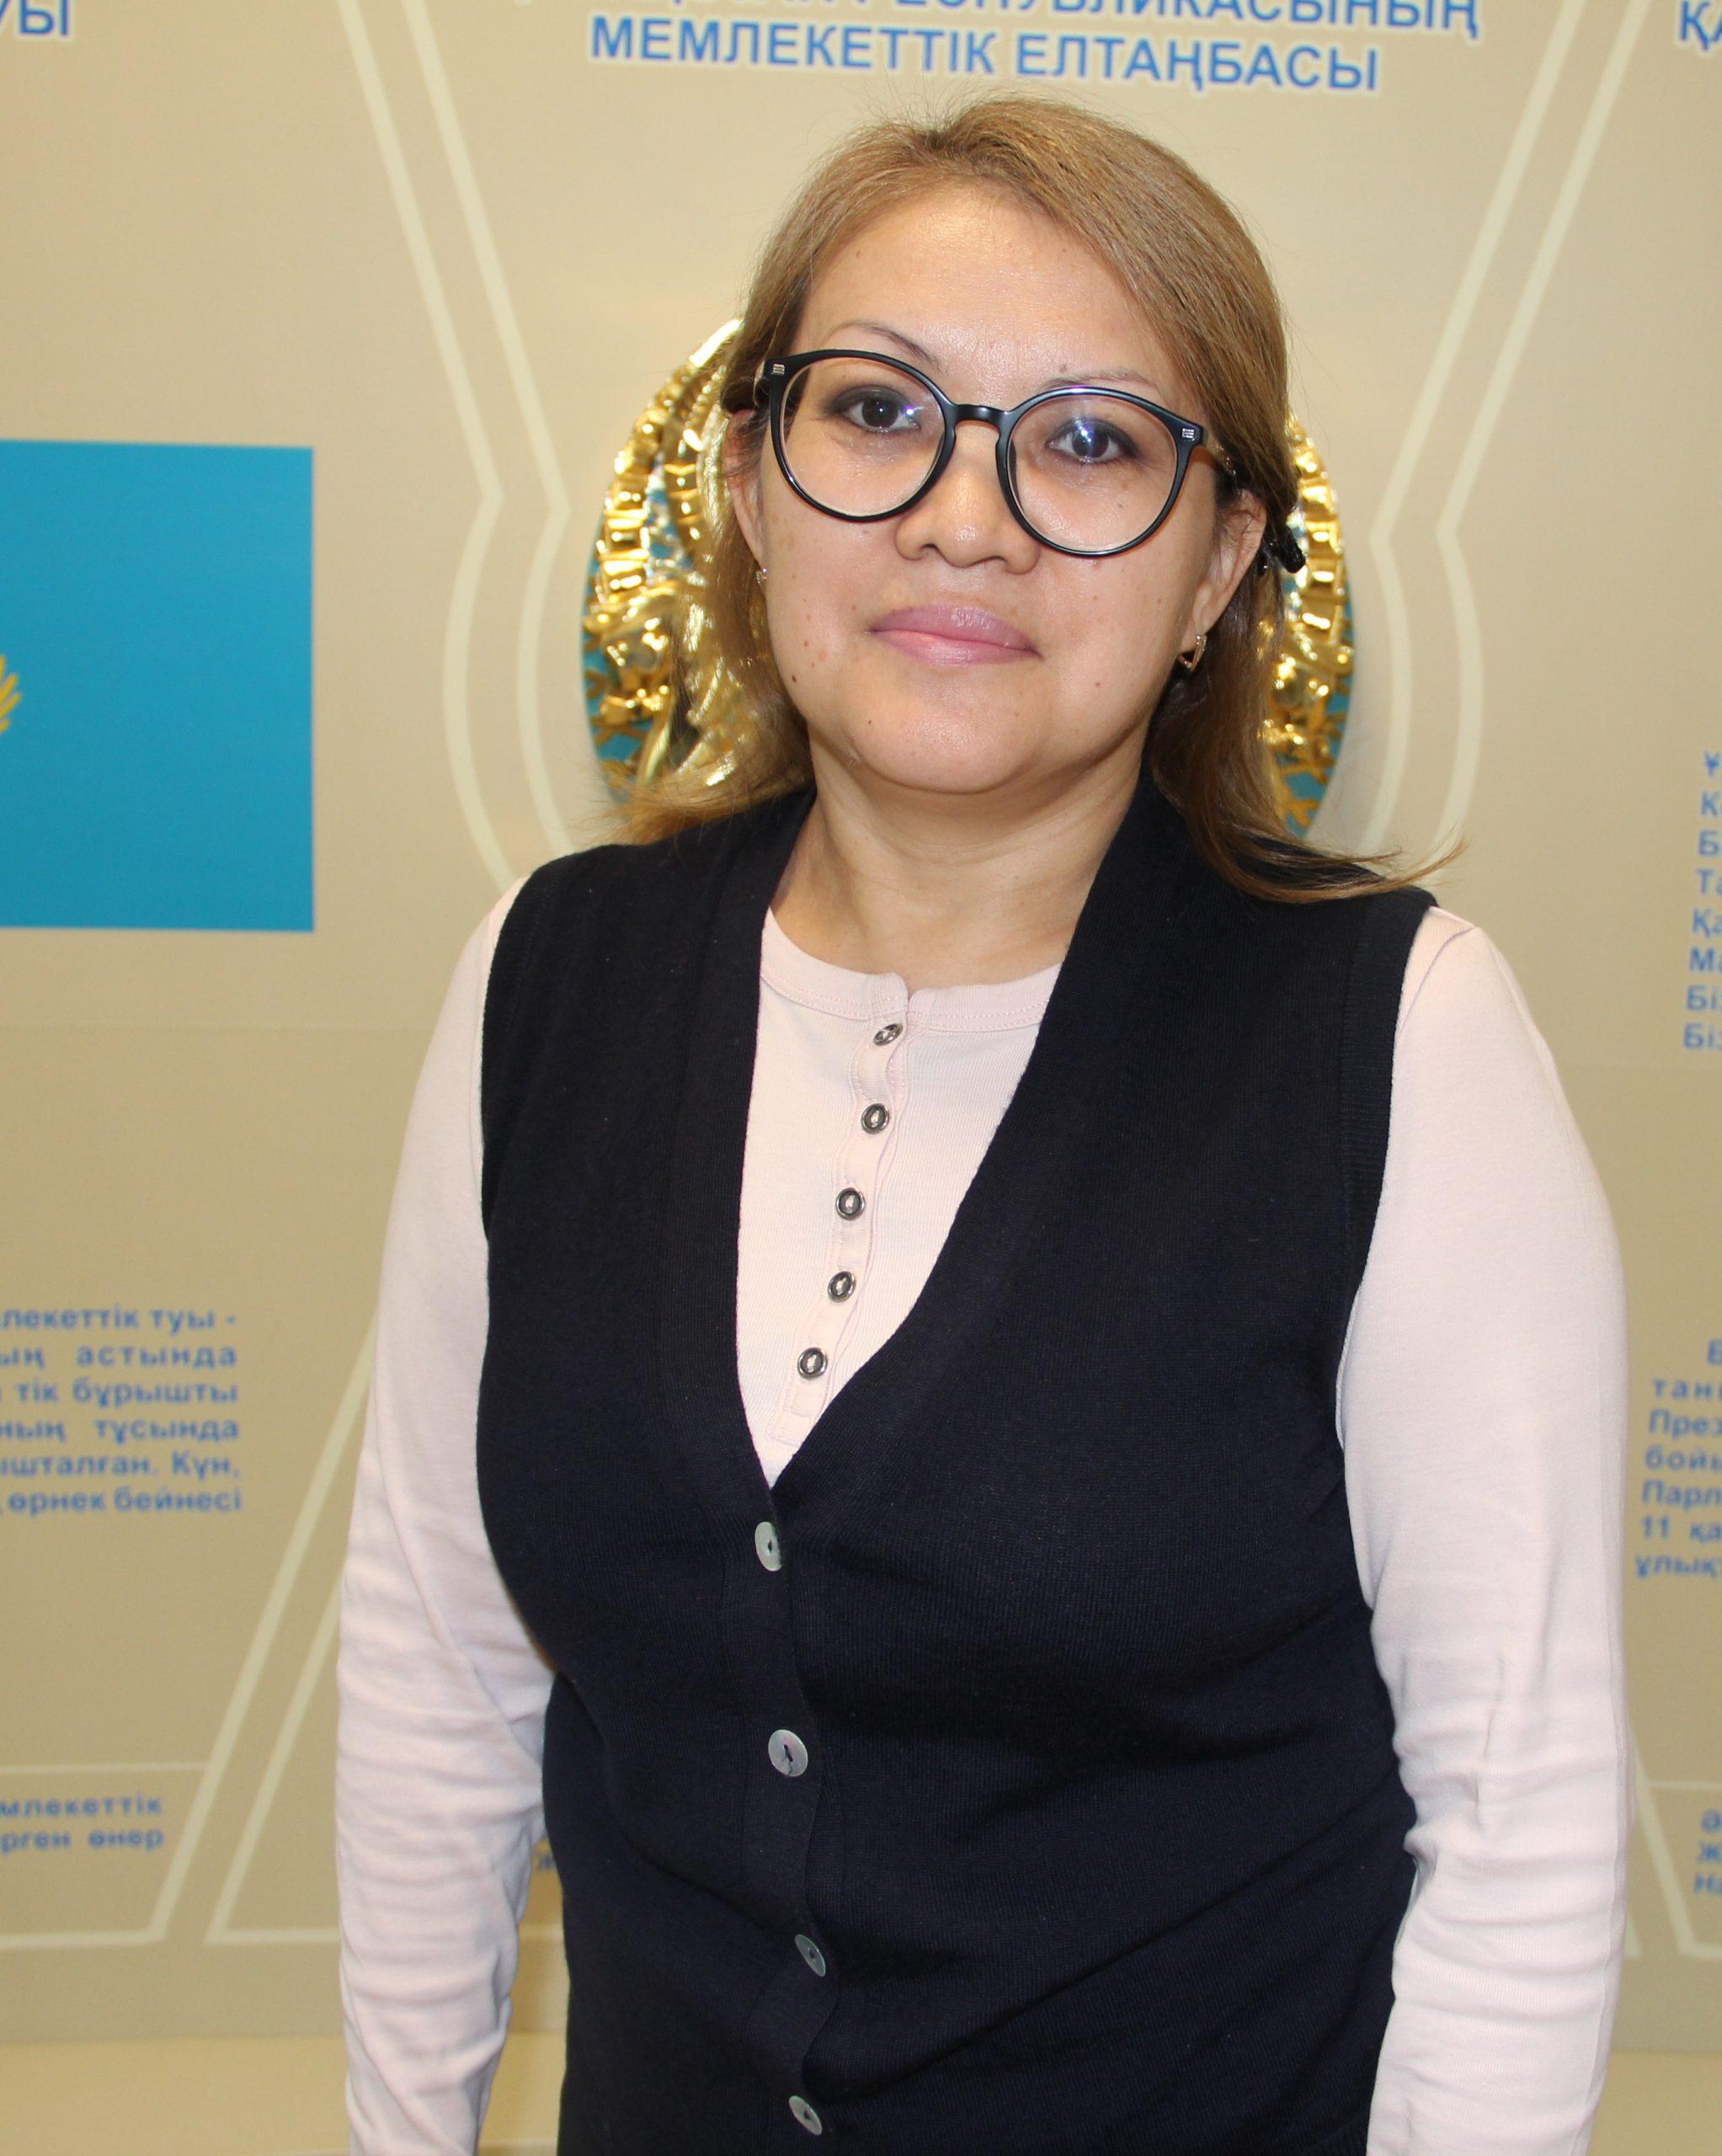 Тажибаева Акшагуль